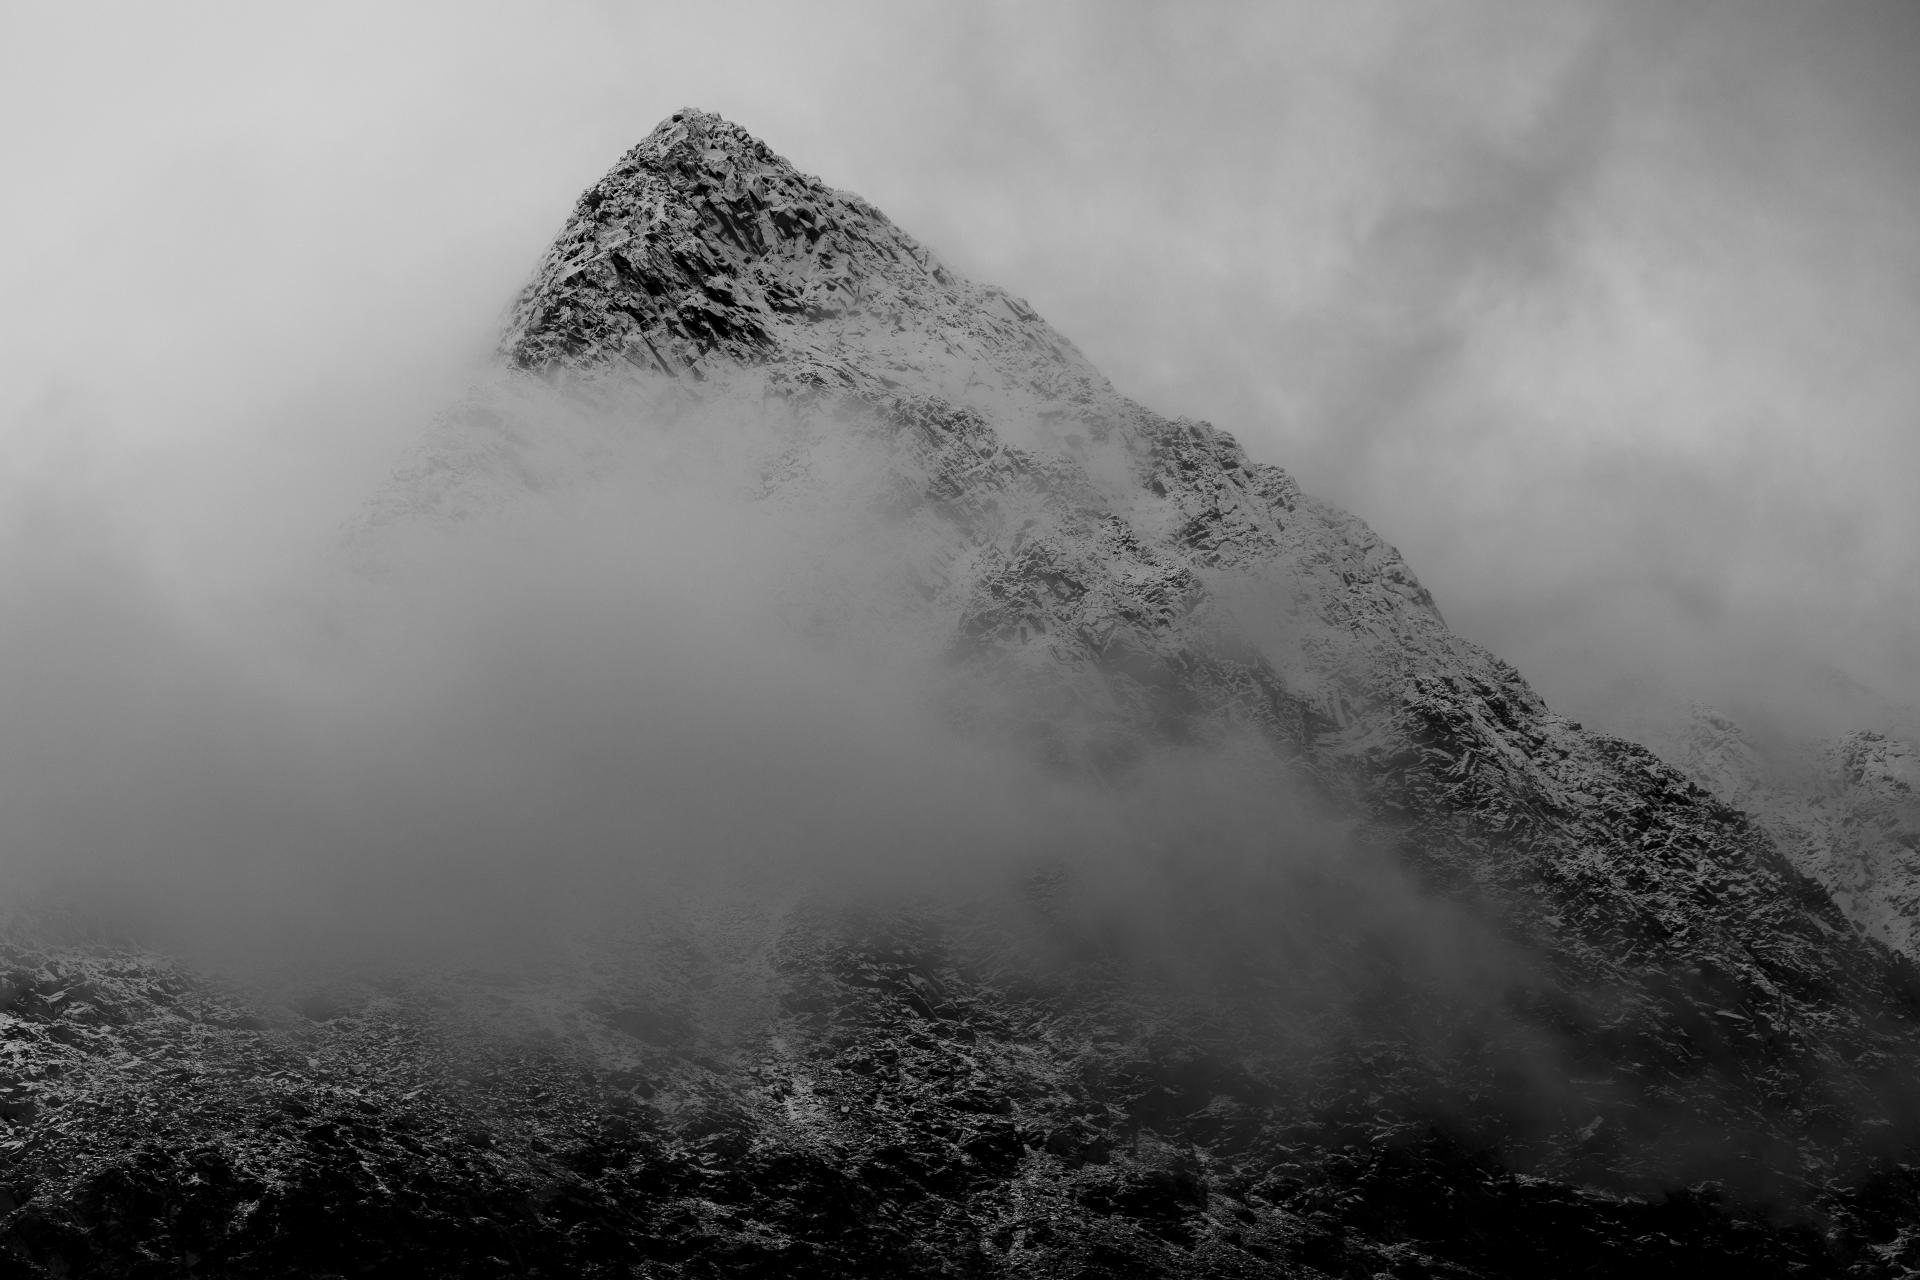 Der schneebedeckte Gipfel des Gahperčohkka (1.447 m)